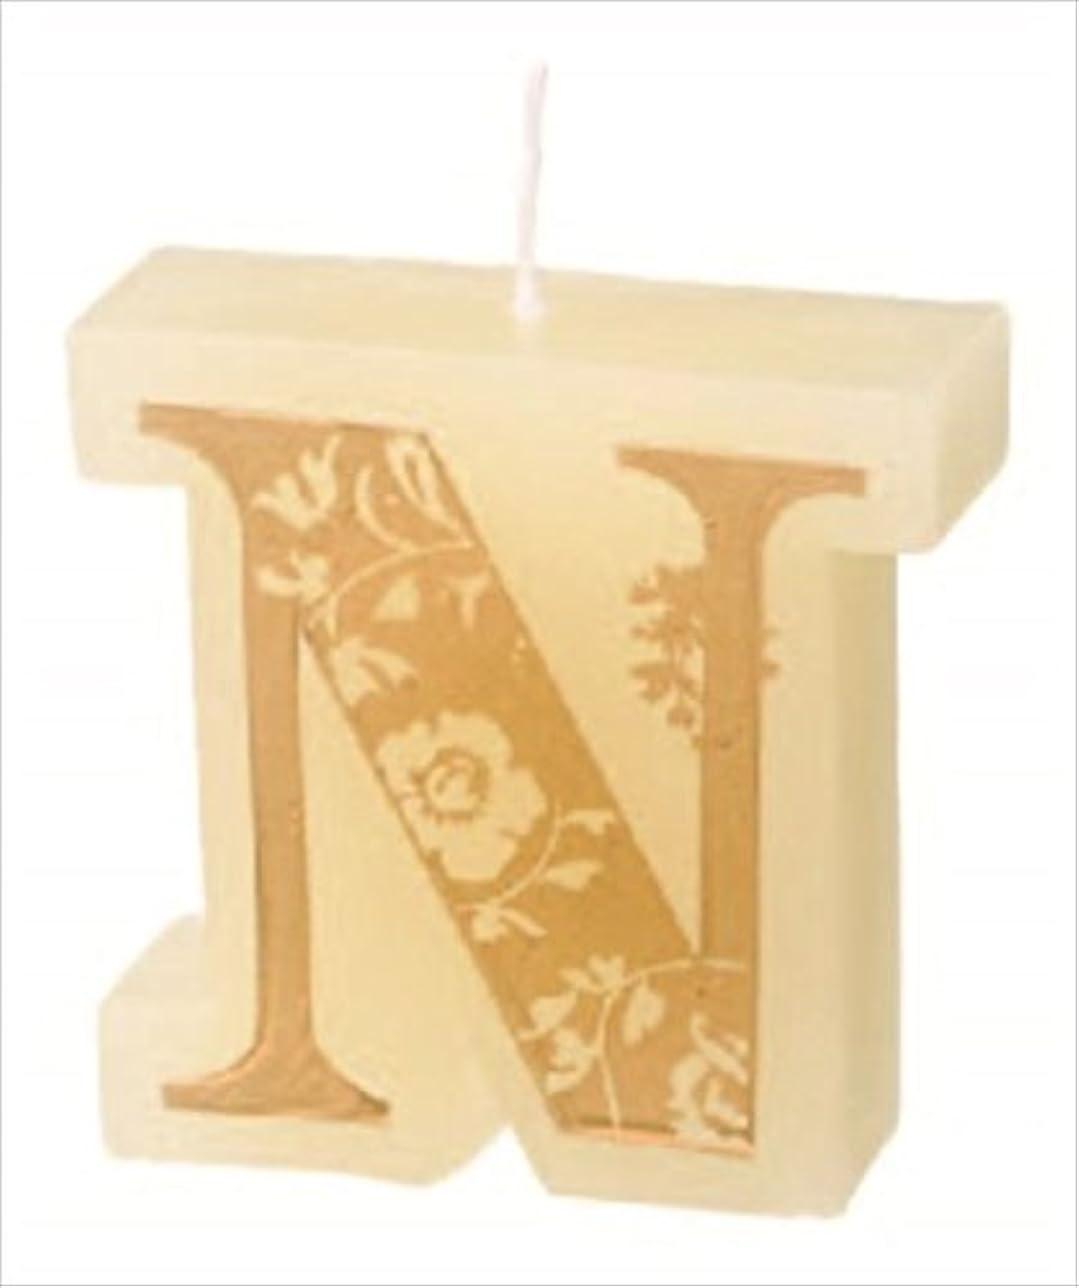 月曜針繰り返したカメヤマキャンドル(kameyama candle) イニシャルキャンドルミニ 「 N 」